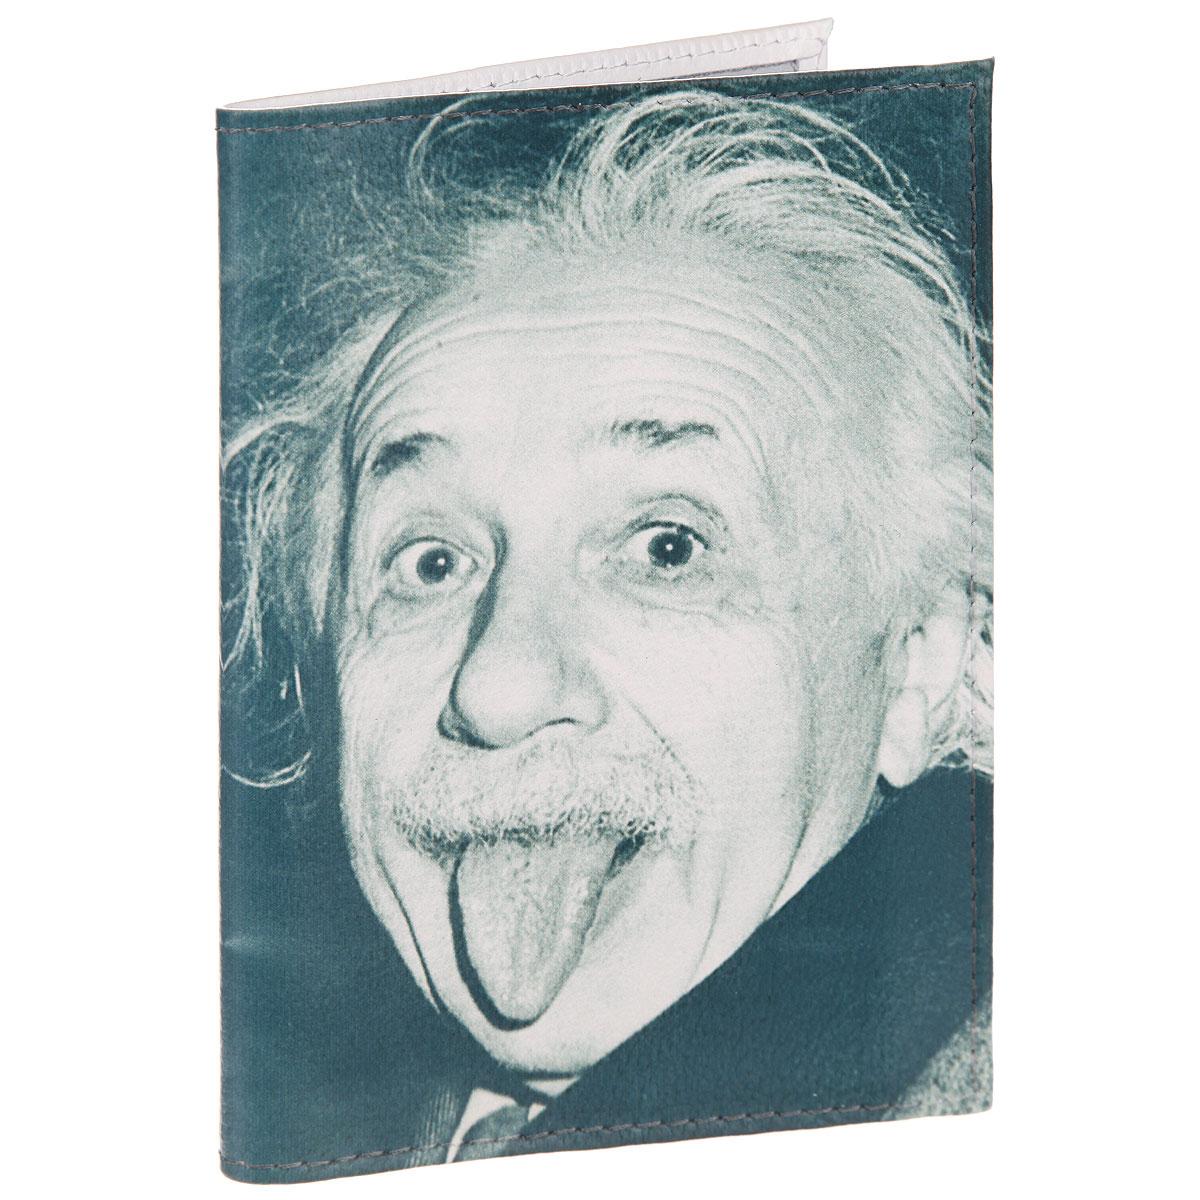 Обложка для автодокументов Эйнштейн. AUTO371AUTO371Стильная обложка для автодокументов Mitya Veselkov Эйнштейн выполнена из натуральной кожи с зернистой текстурой. Обложка оформлена художественной печатью с изображением Эйнштейна. Внутри размещен пластиковый вкладыш с шестью карманами для документов, среди которых карман формата А5. Стильная обложка для автодокументов Mitya Veselkov Эйнштейн не только поможет сохранить внешний вид ваших документов и защитит их от повреждений, но и станет стильным аксессуаром, идеально подходящим к вашему образу.